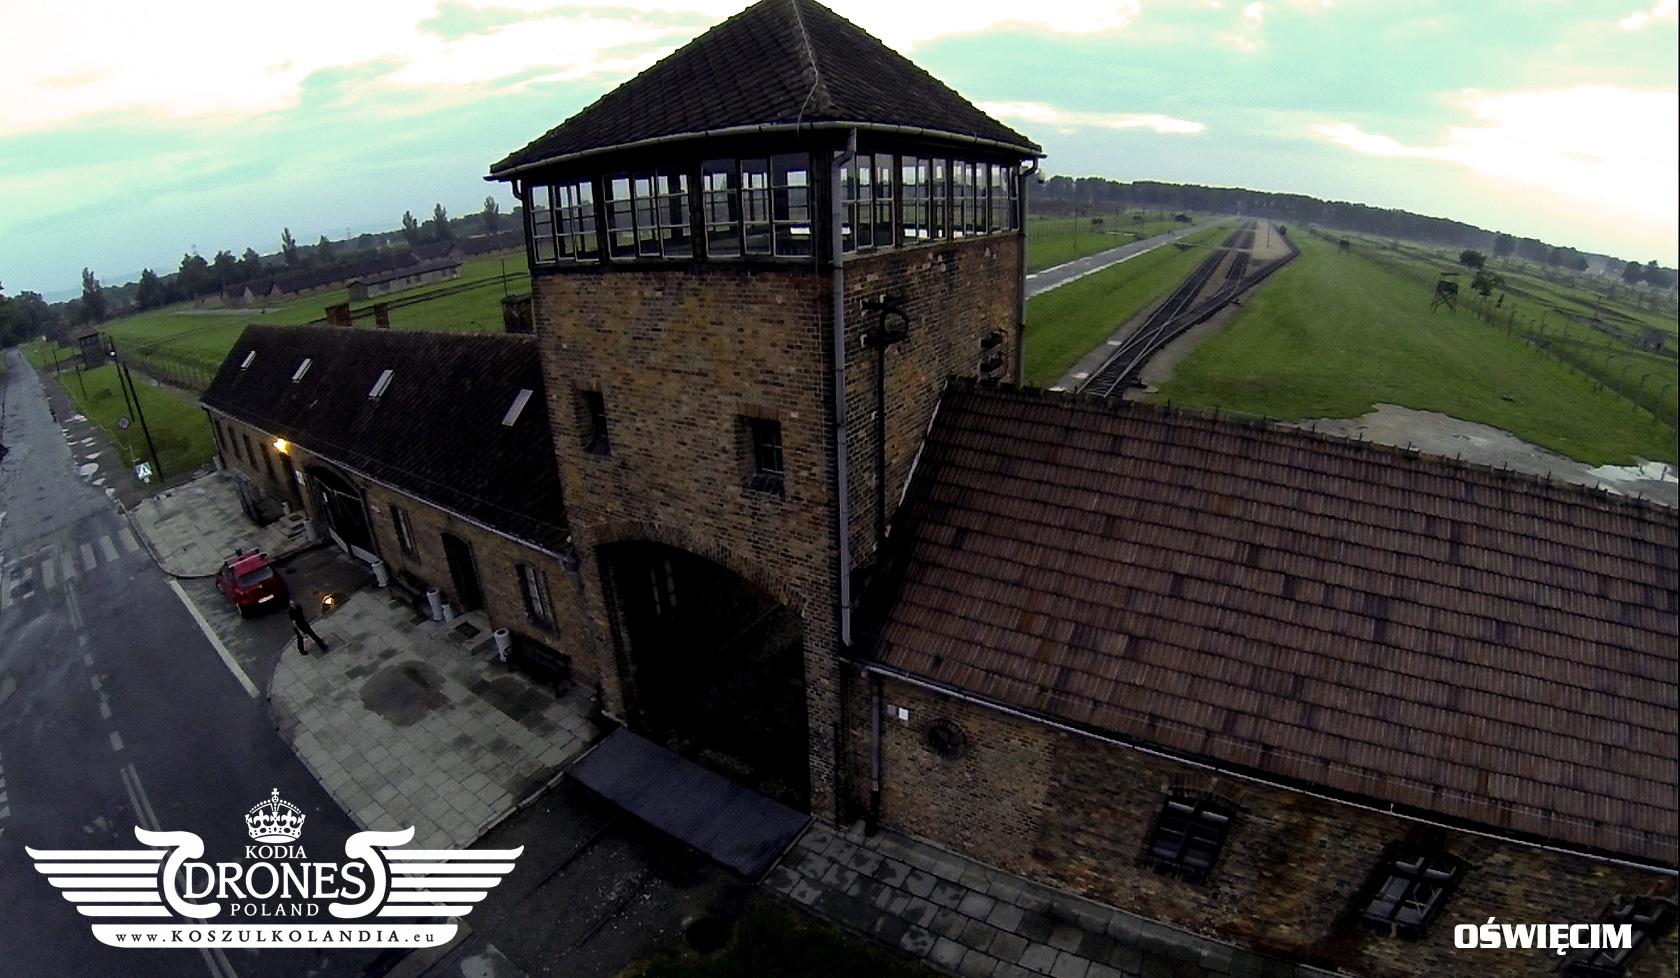 oswięcim aushwitz birkenau brama śmierci z lotu ptaka kodia drones koszulkolandia oświęcim obóz koncentracyjny